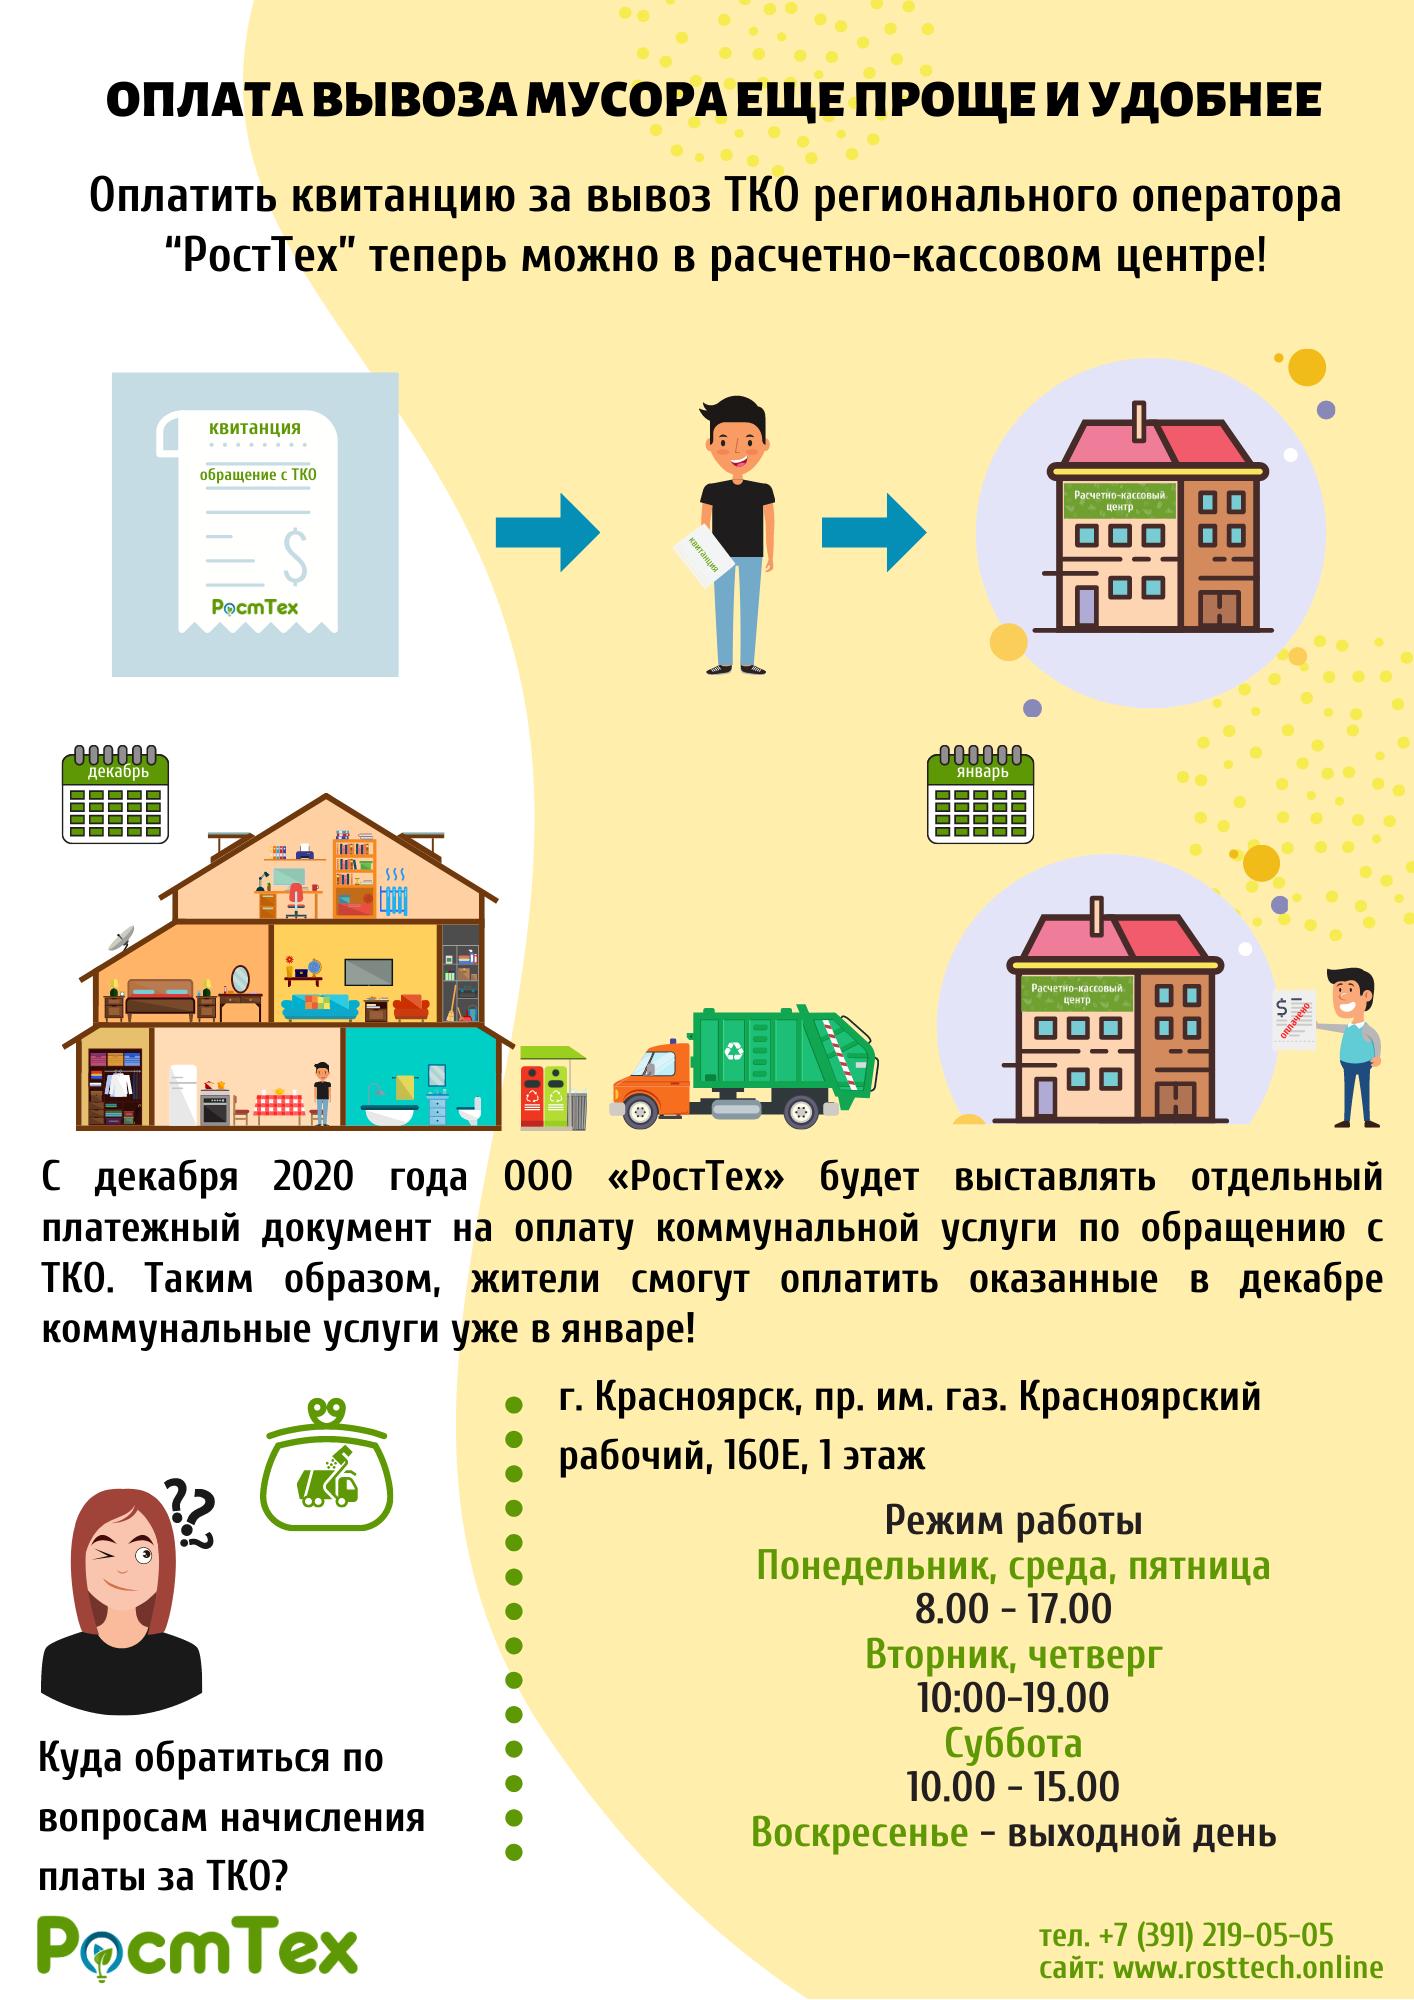 - Оплата за услуги по обращению с твёрдыми коммунальными отходами (ТКО)